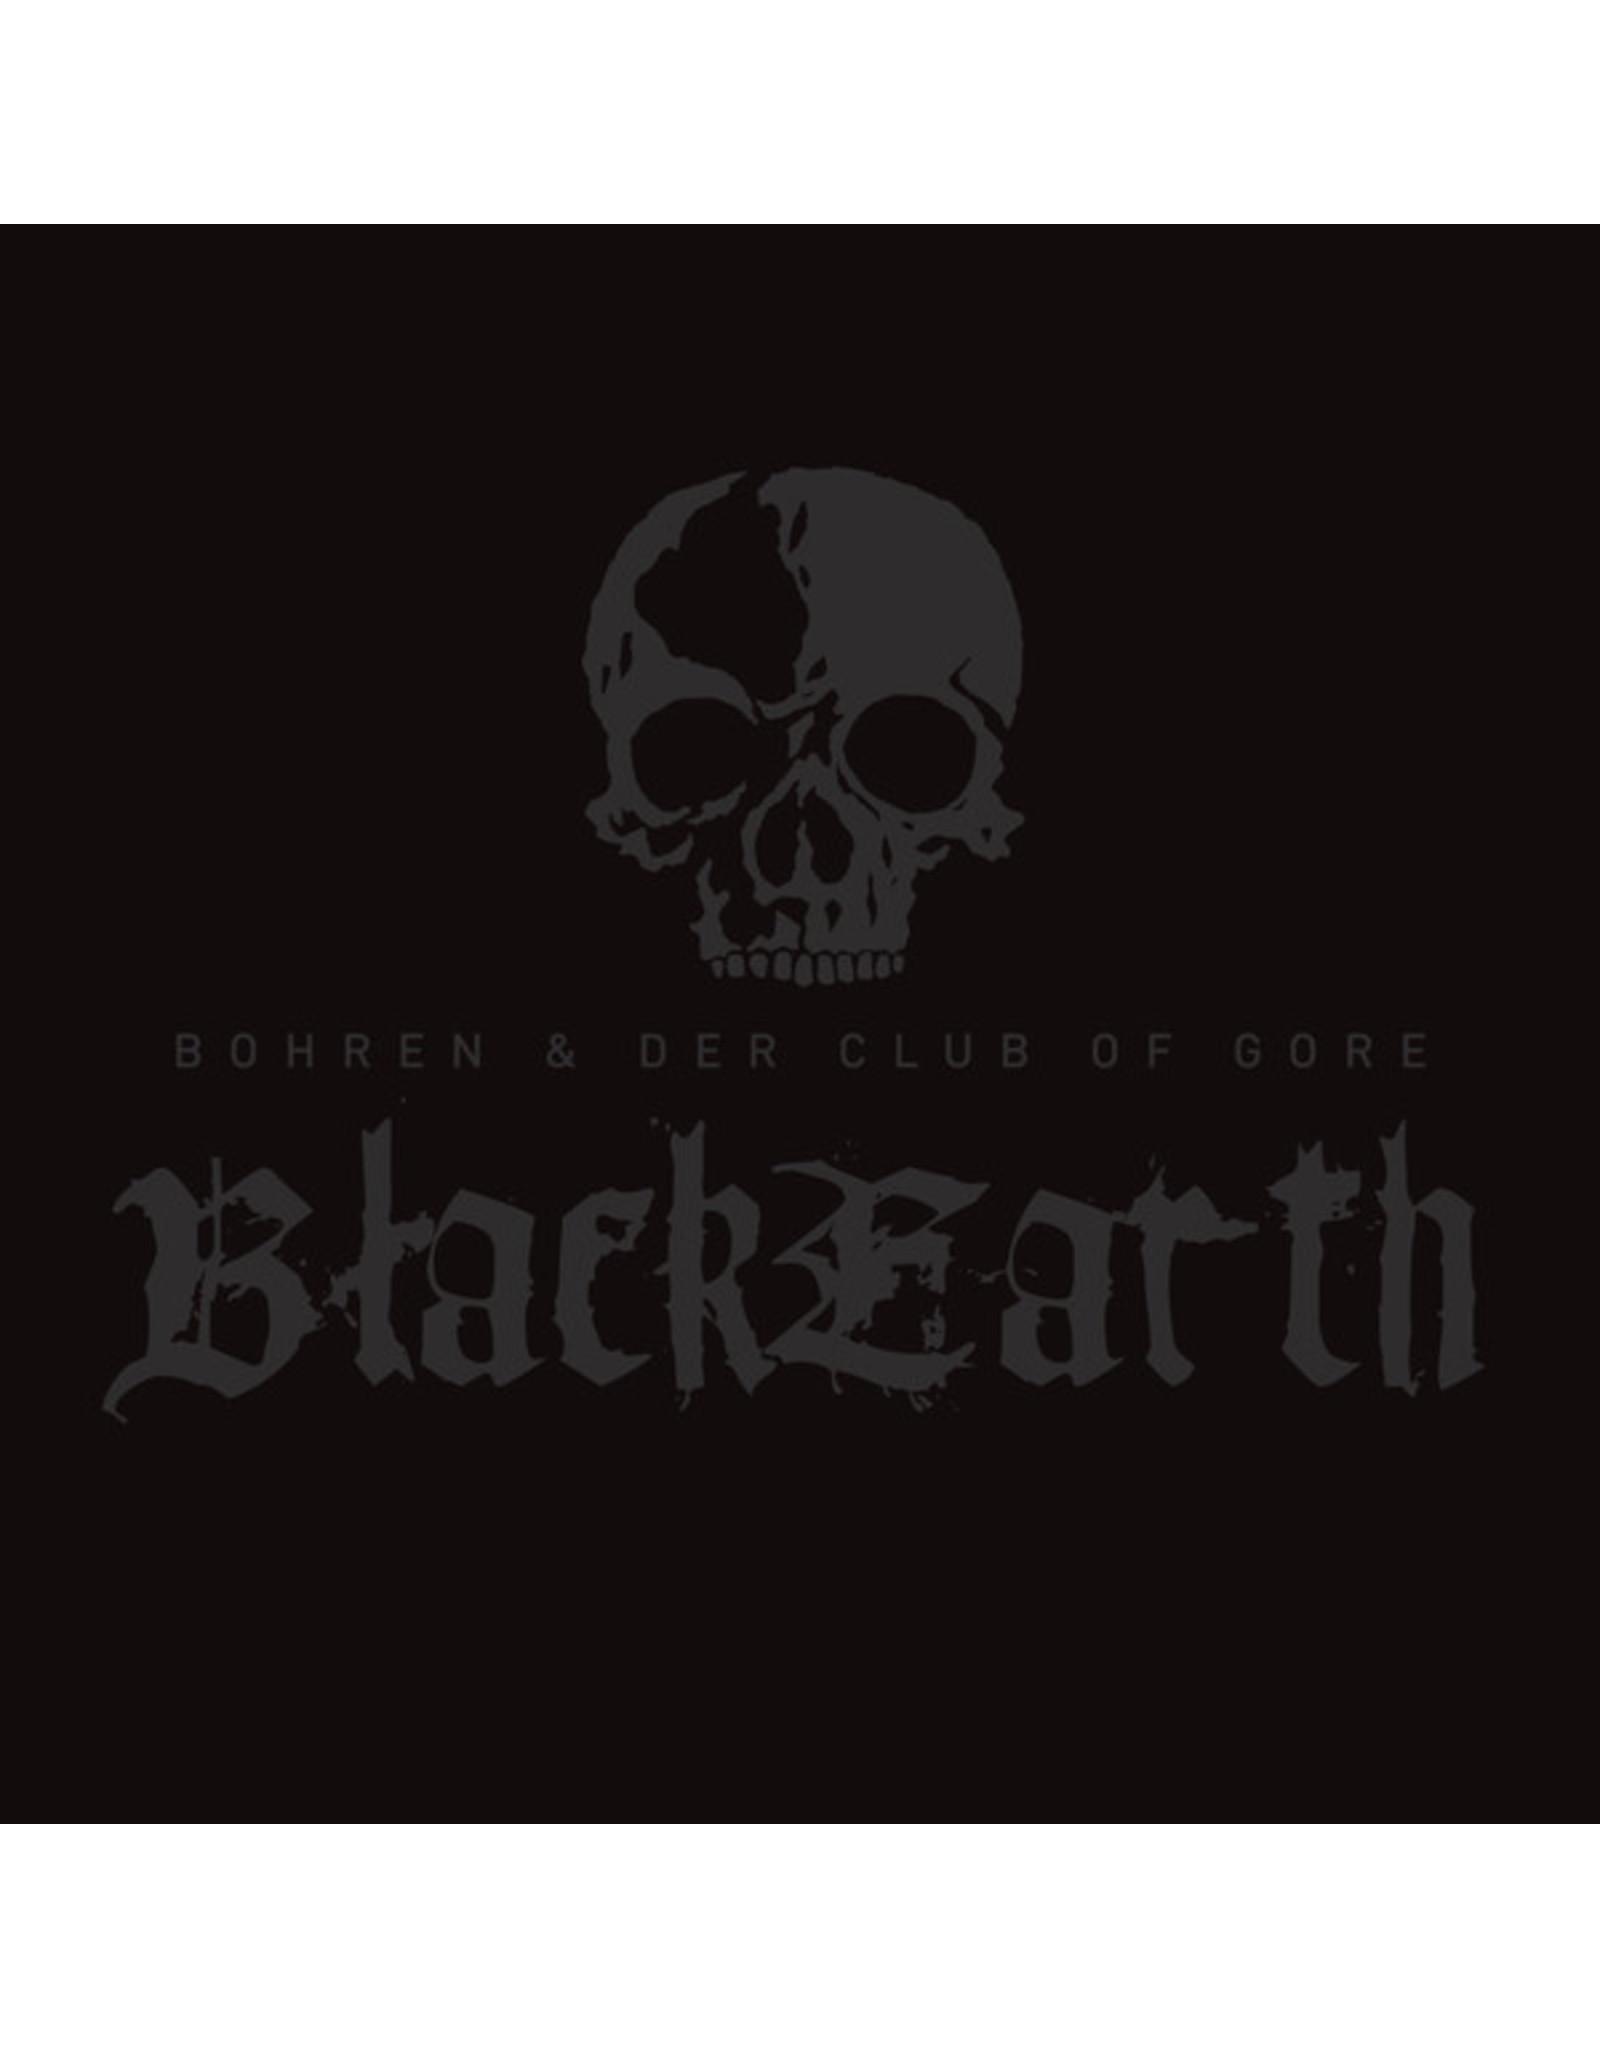 New Vinyl Bohren Und Der Club Of Gore - Black Earth 2LP